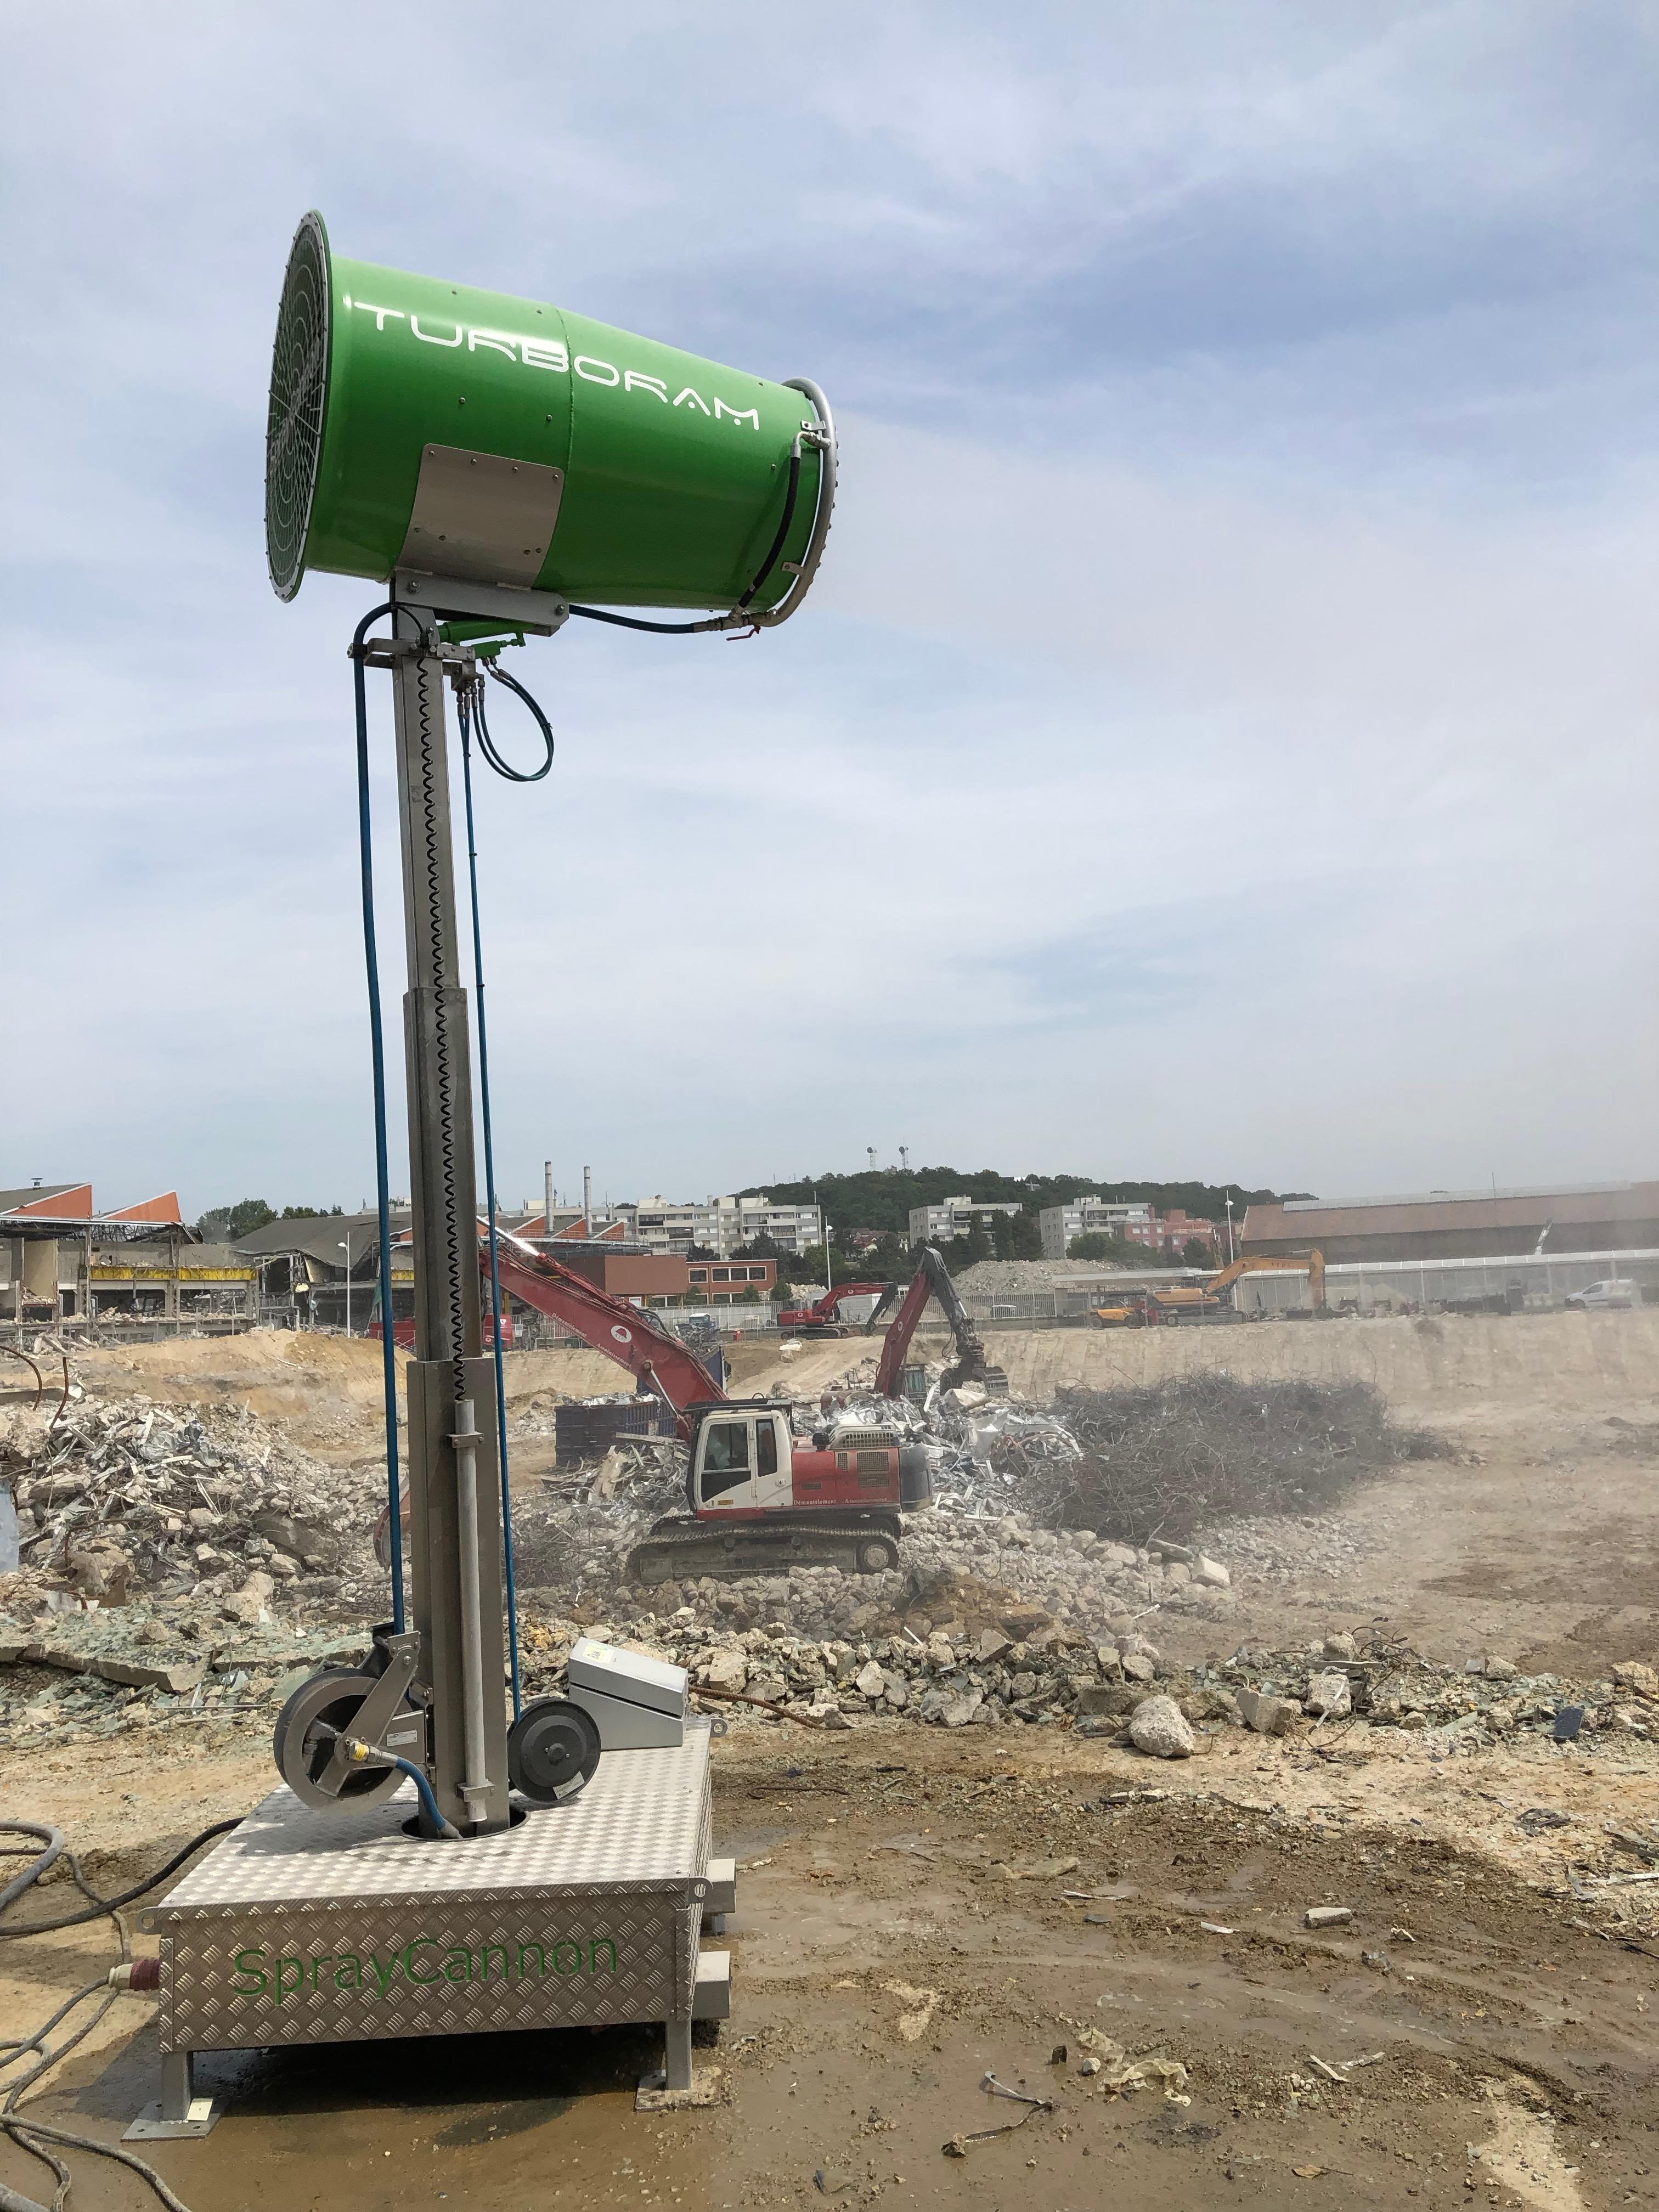 Le TURBORAM TRD60 est un brumisateur de grande puissance principalement destiné aux travaux de démolition de grande hauteur, au BTP, aux mines & carrières, aux manutentions portuaires et aux activités de recyclage. Mât